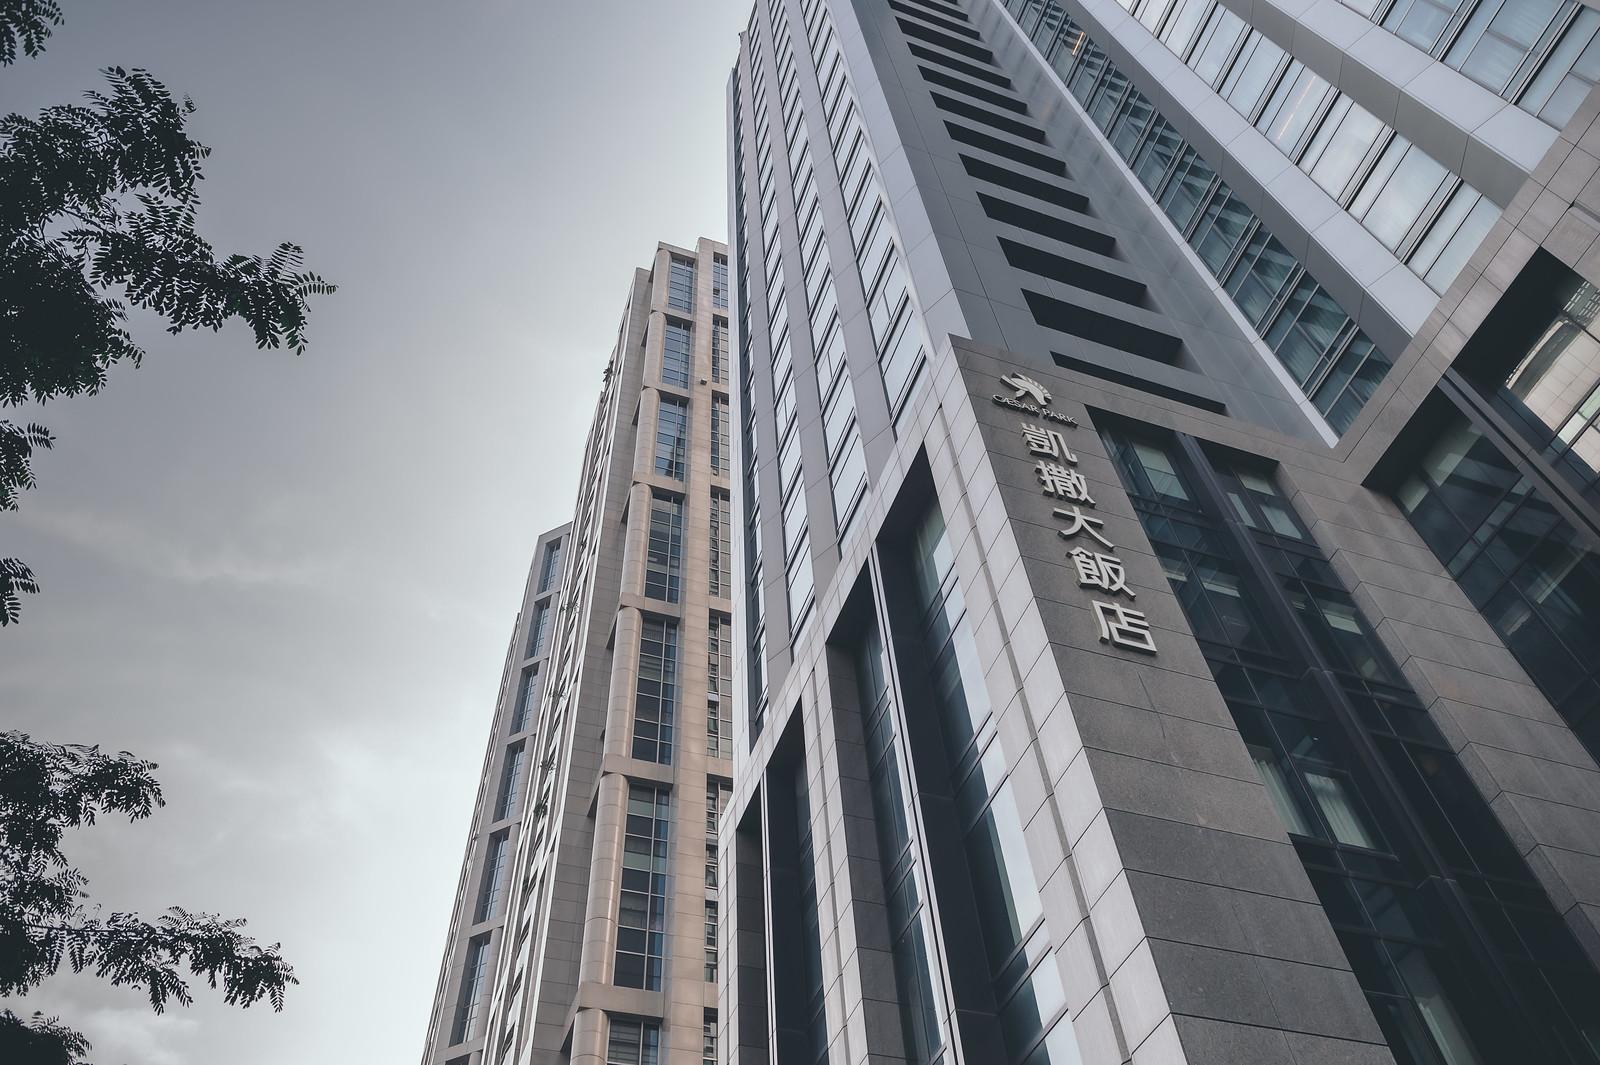 板橋凱薩大飯店婚攝阿宏精選_001